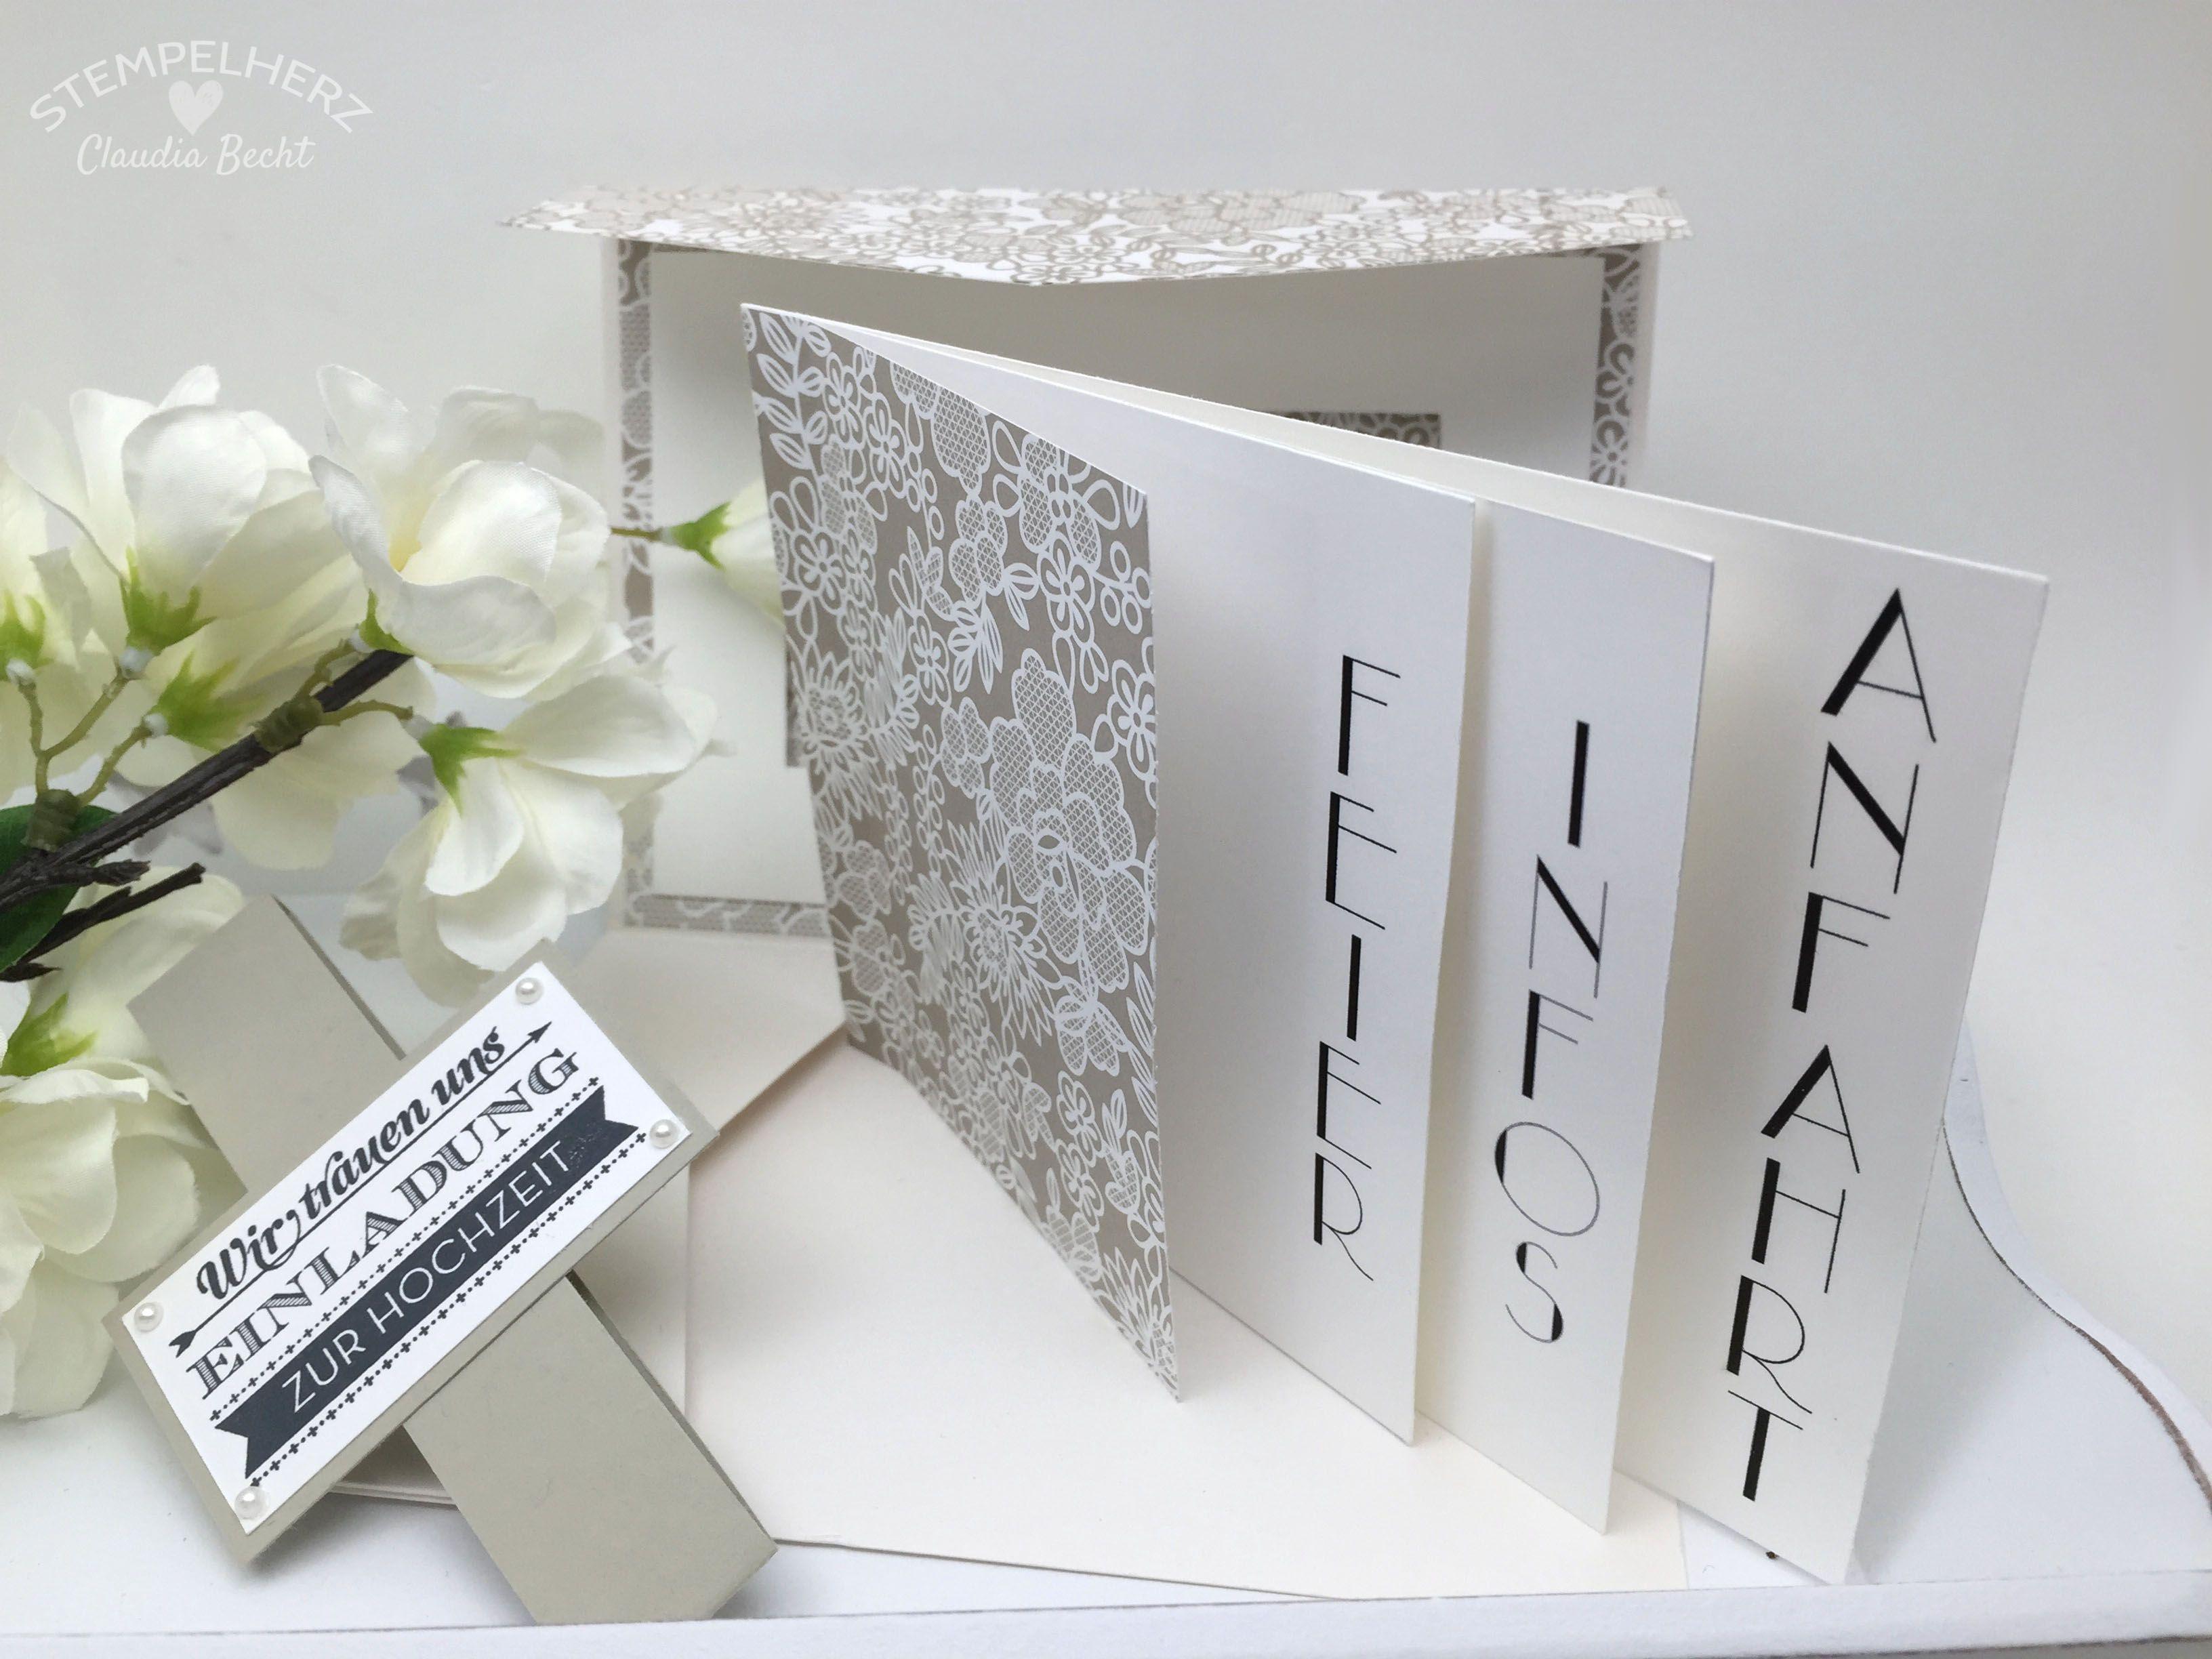 Stampin Up Stempelherz Hochzeitseinladung Hochzeitskarte Hochzeit